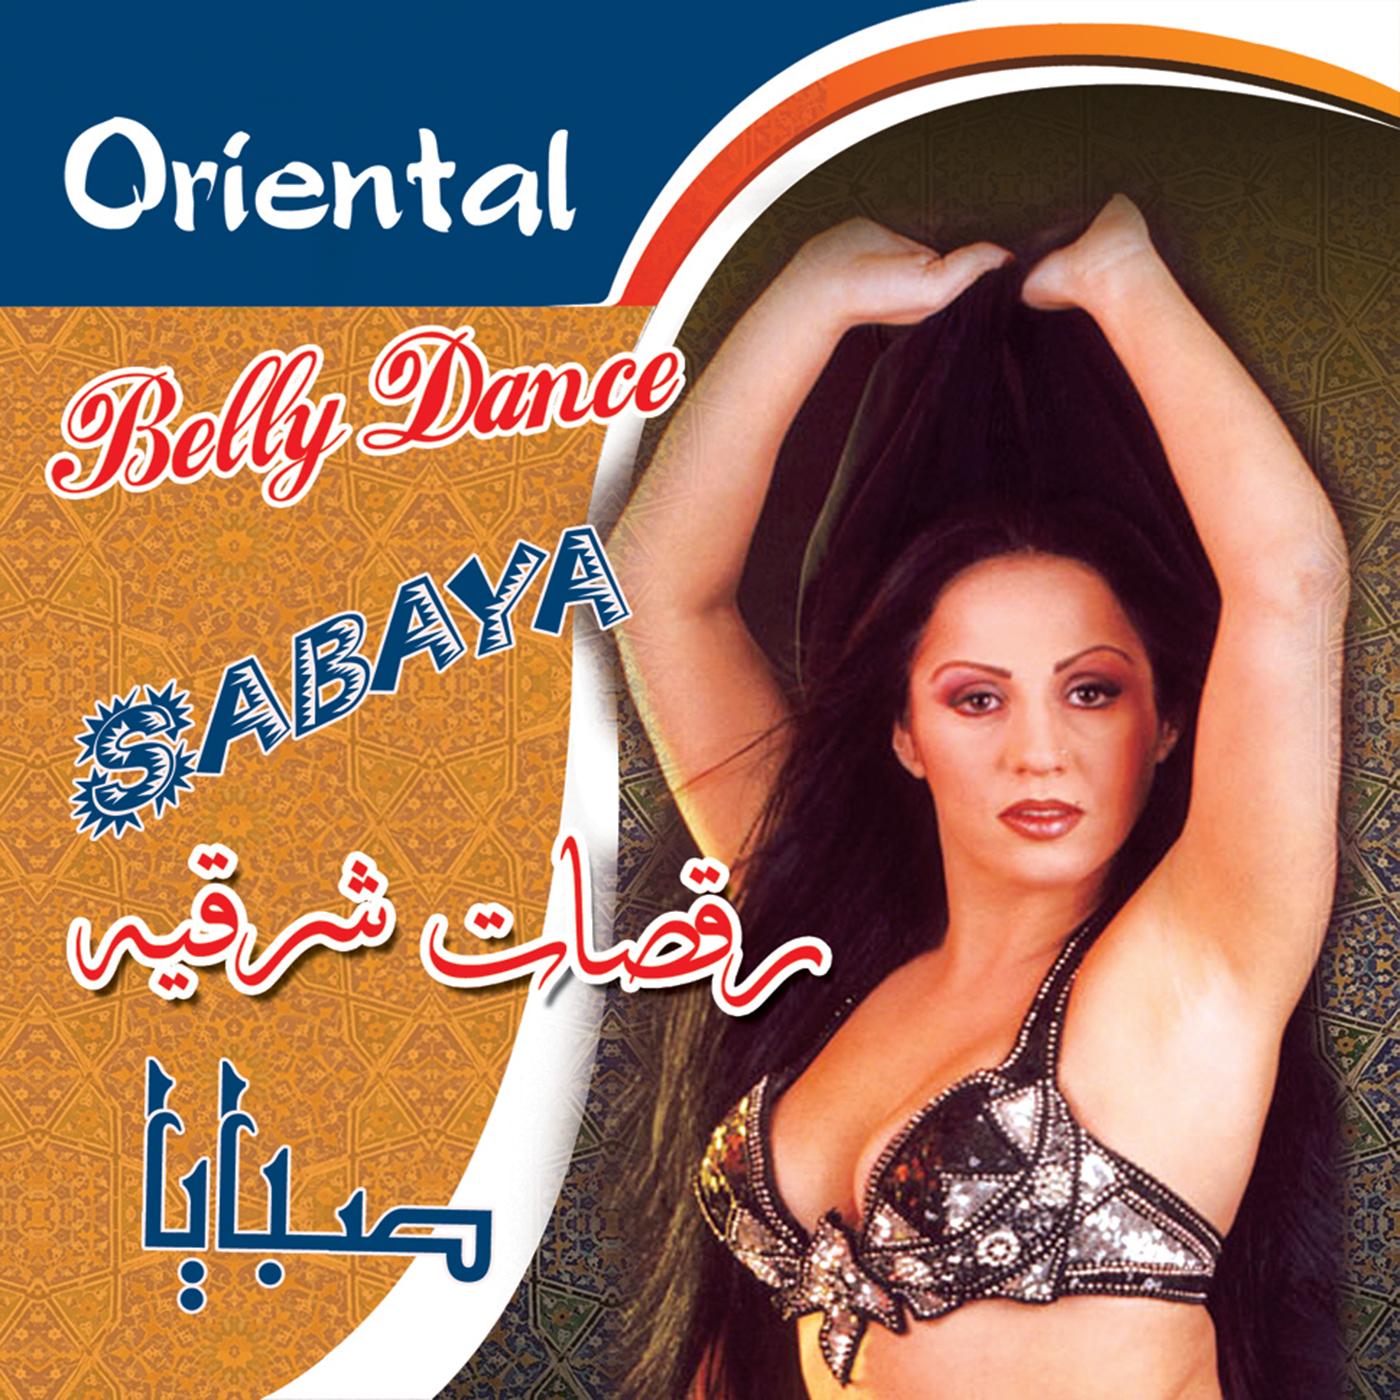 Sabaya - Belly Dance/  Belly Dance   BUY IT